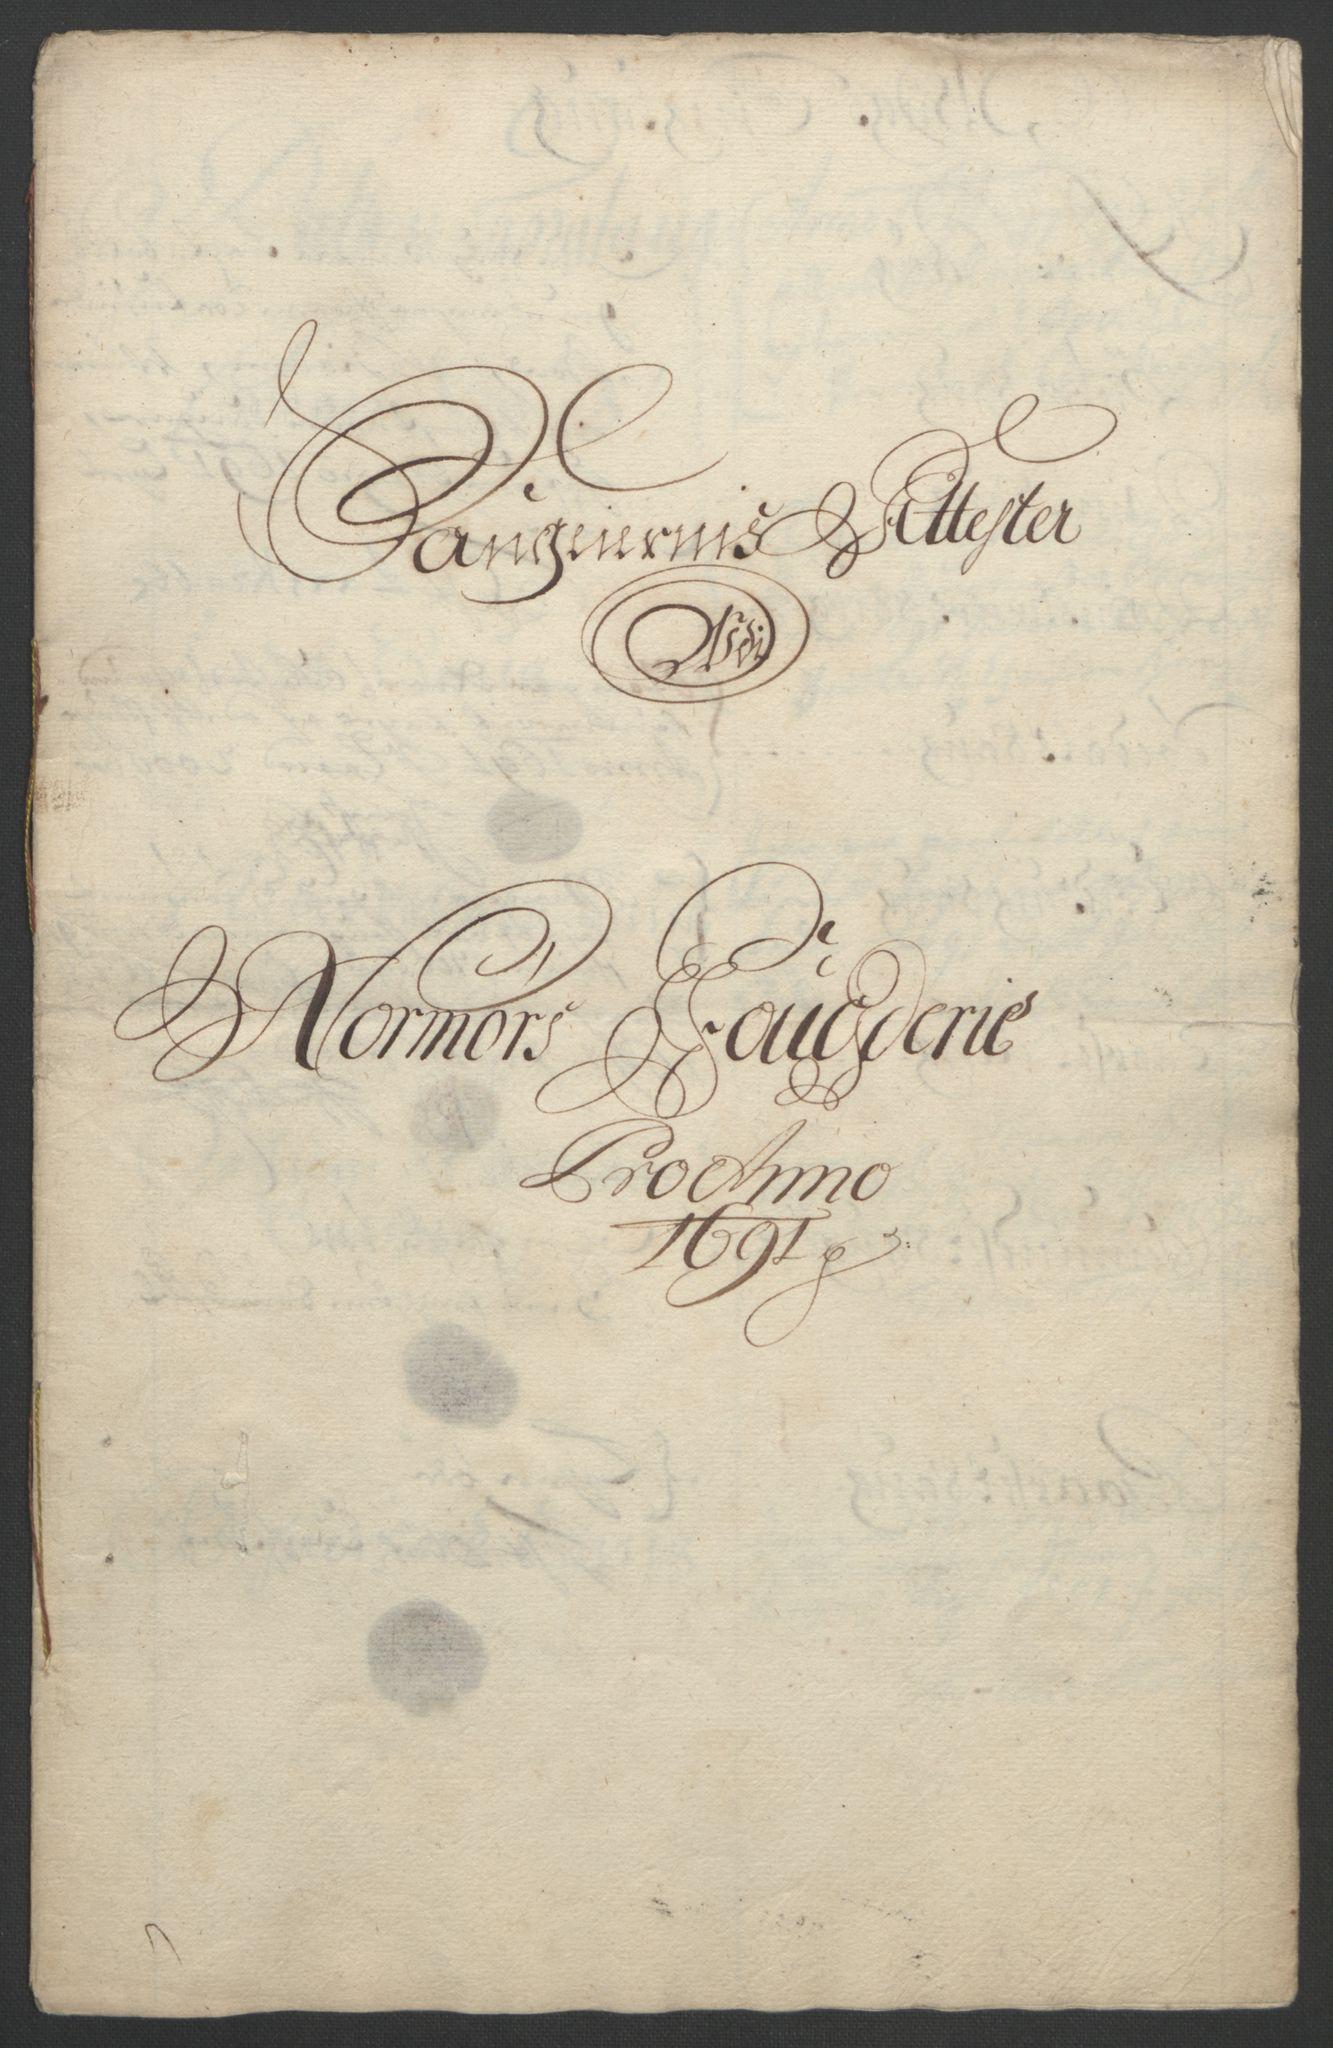 RA, Rentekammeret inntil 1814, Reviderte regnskaper, Fogderegnskap, R56/L3734: Fogderegnskap Nordmøre, 1690-1691, s. 288